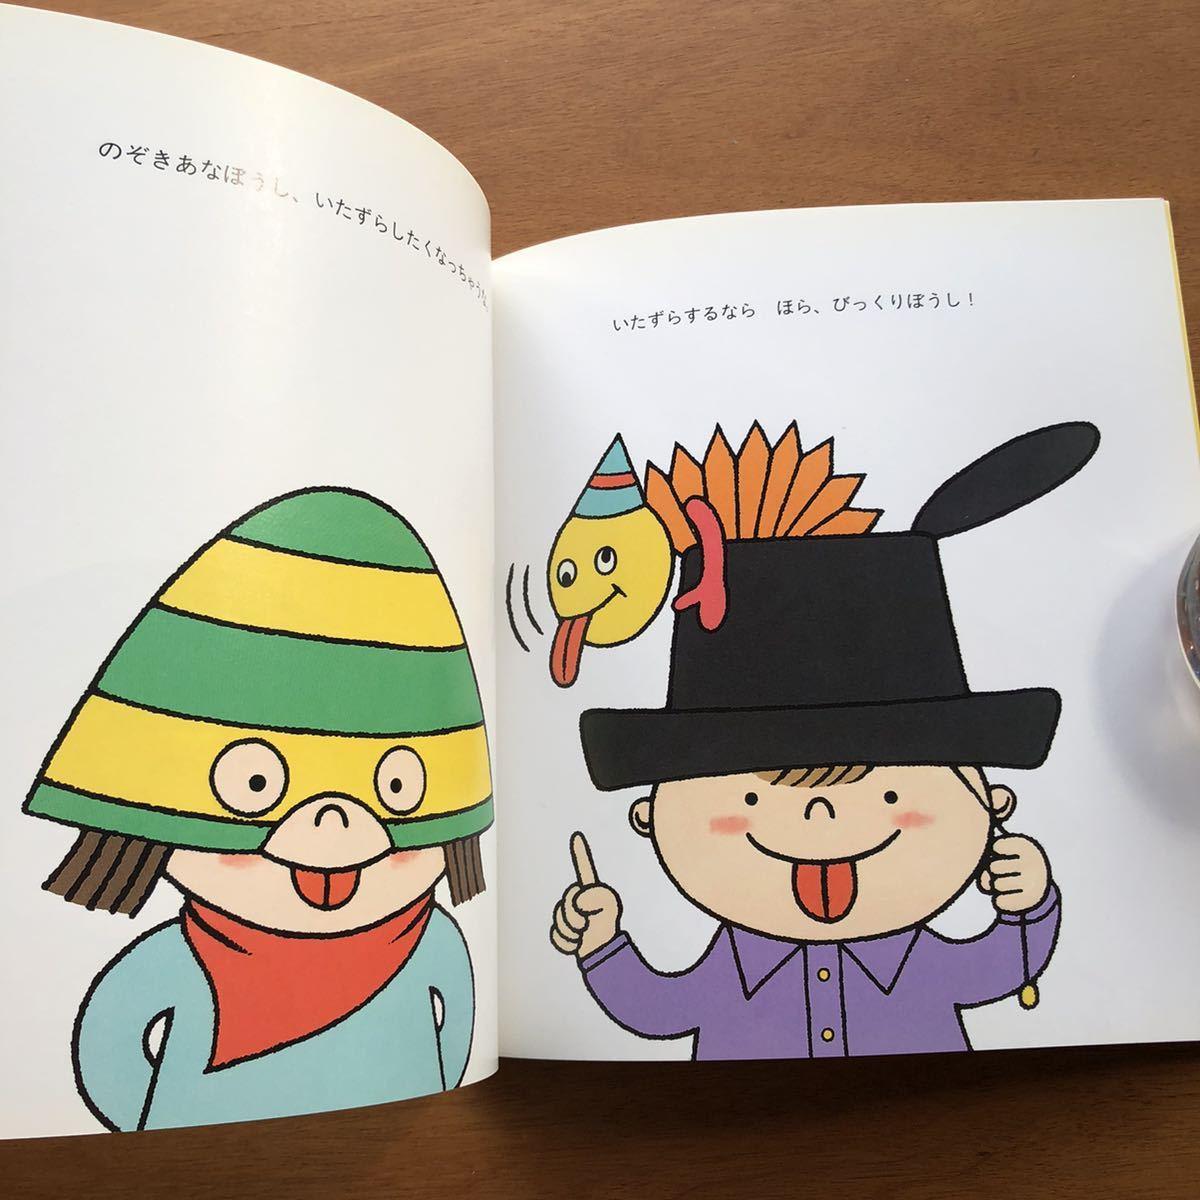 こどものとも年少版 すきすきぼうし スギヤマカナヨ 2003年 初版 絶版 古い 絵本 育児 保育 読み聞かせ 幼児 帽子